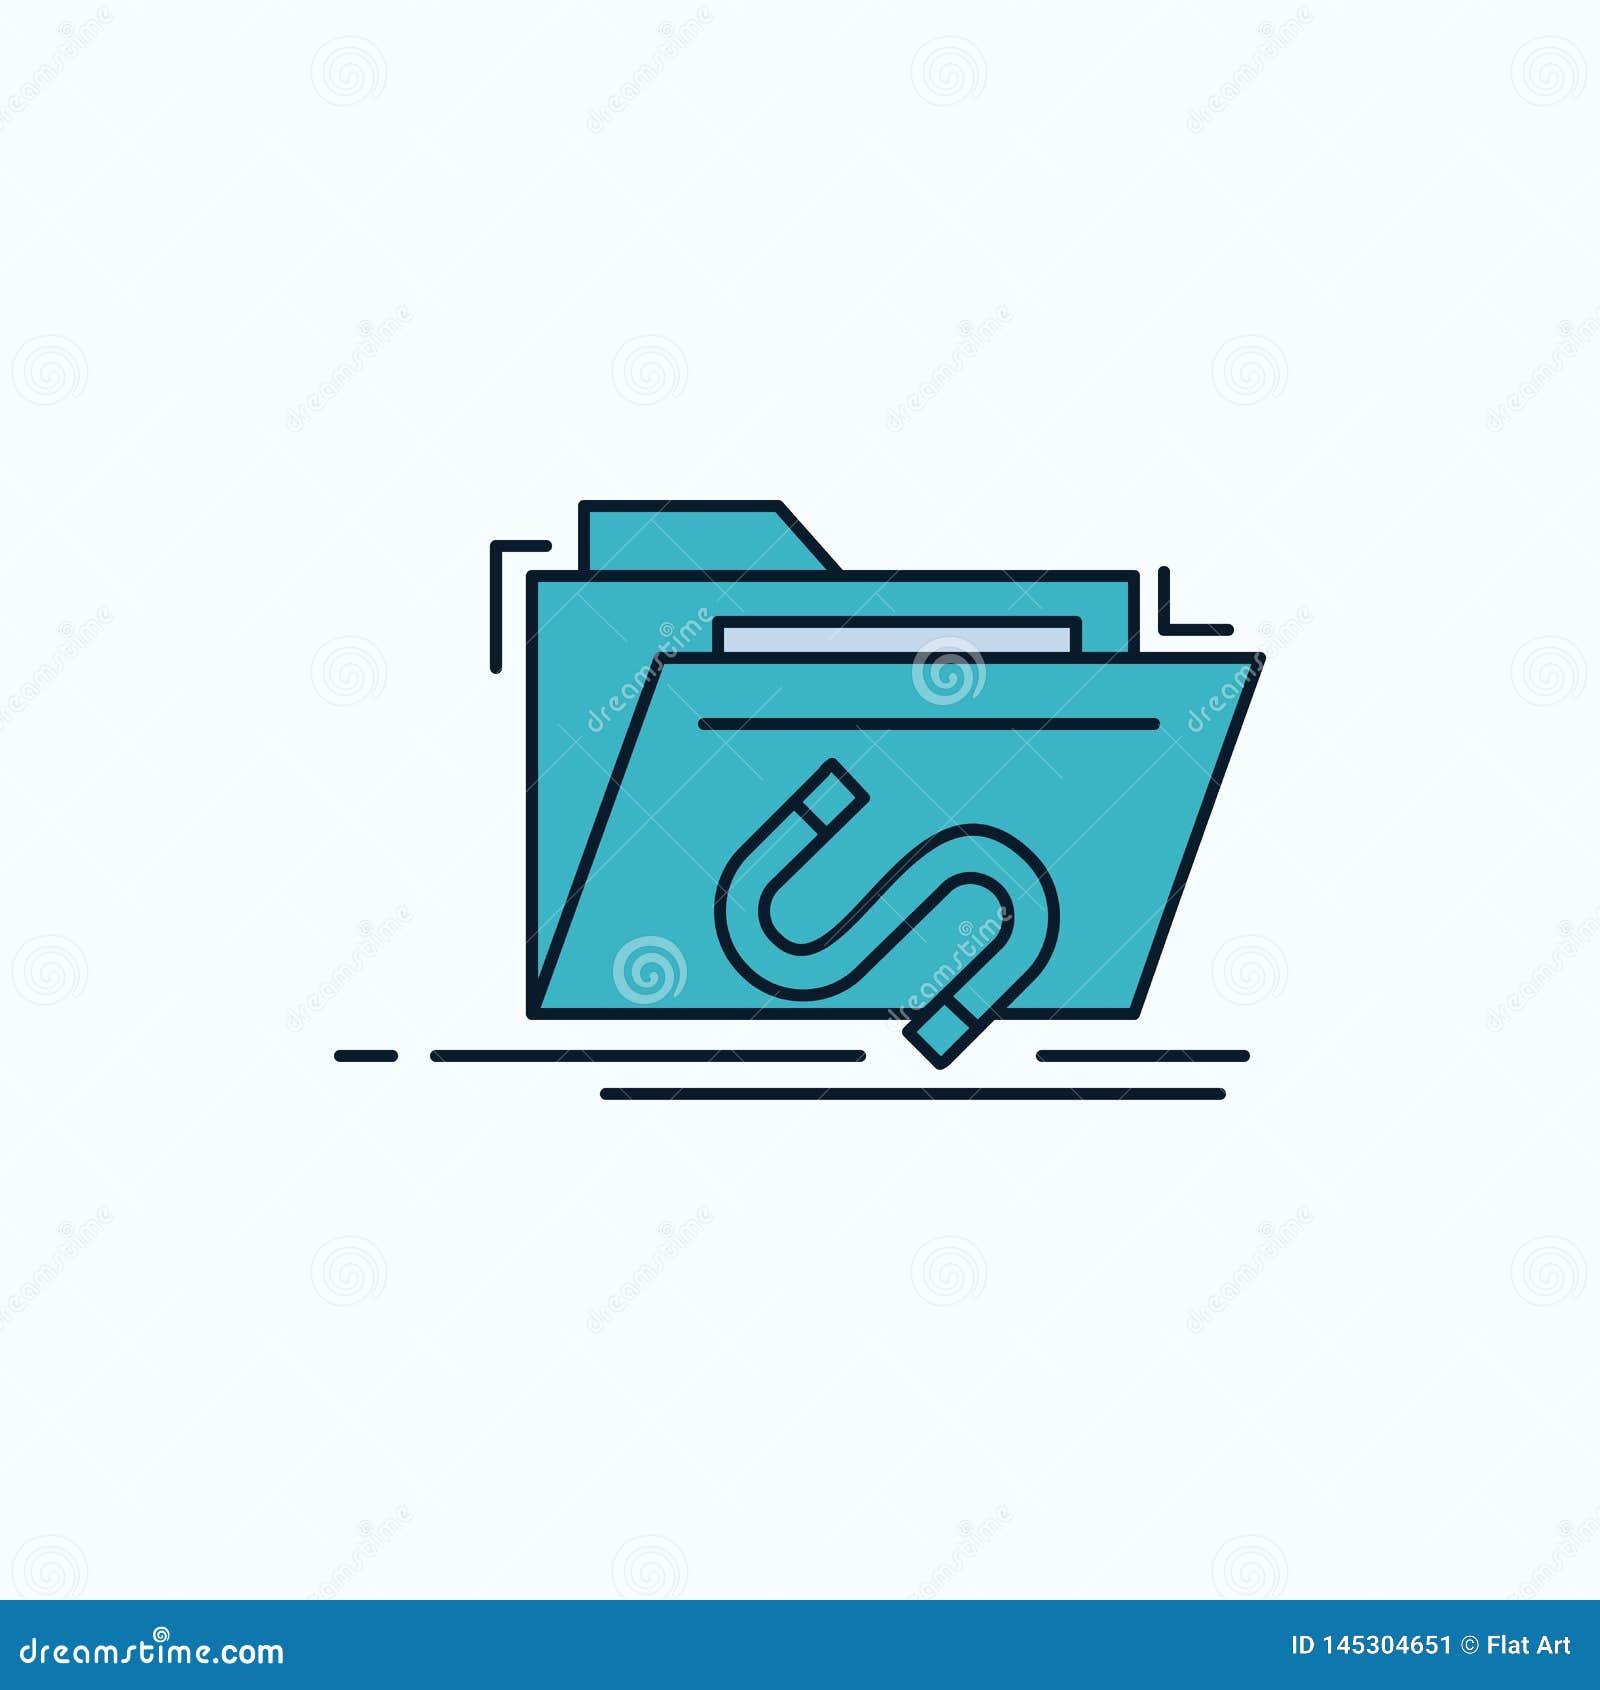 Bakdörr bedrift, mapp, internet, plan symbol för programvara gr?nt och gult tecken och symboler f?r website och mobil appliation